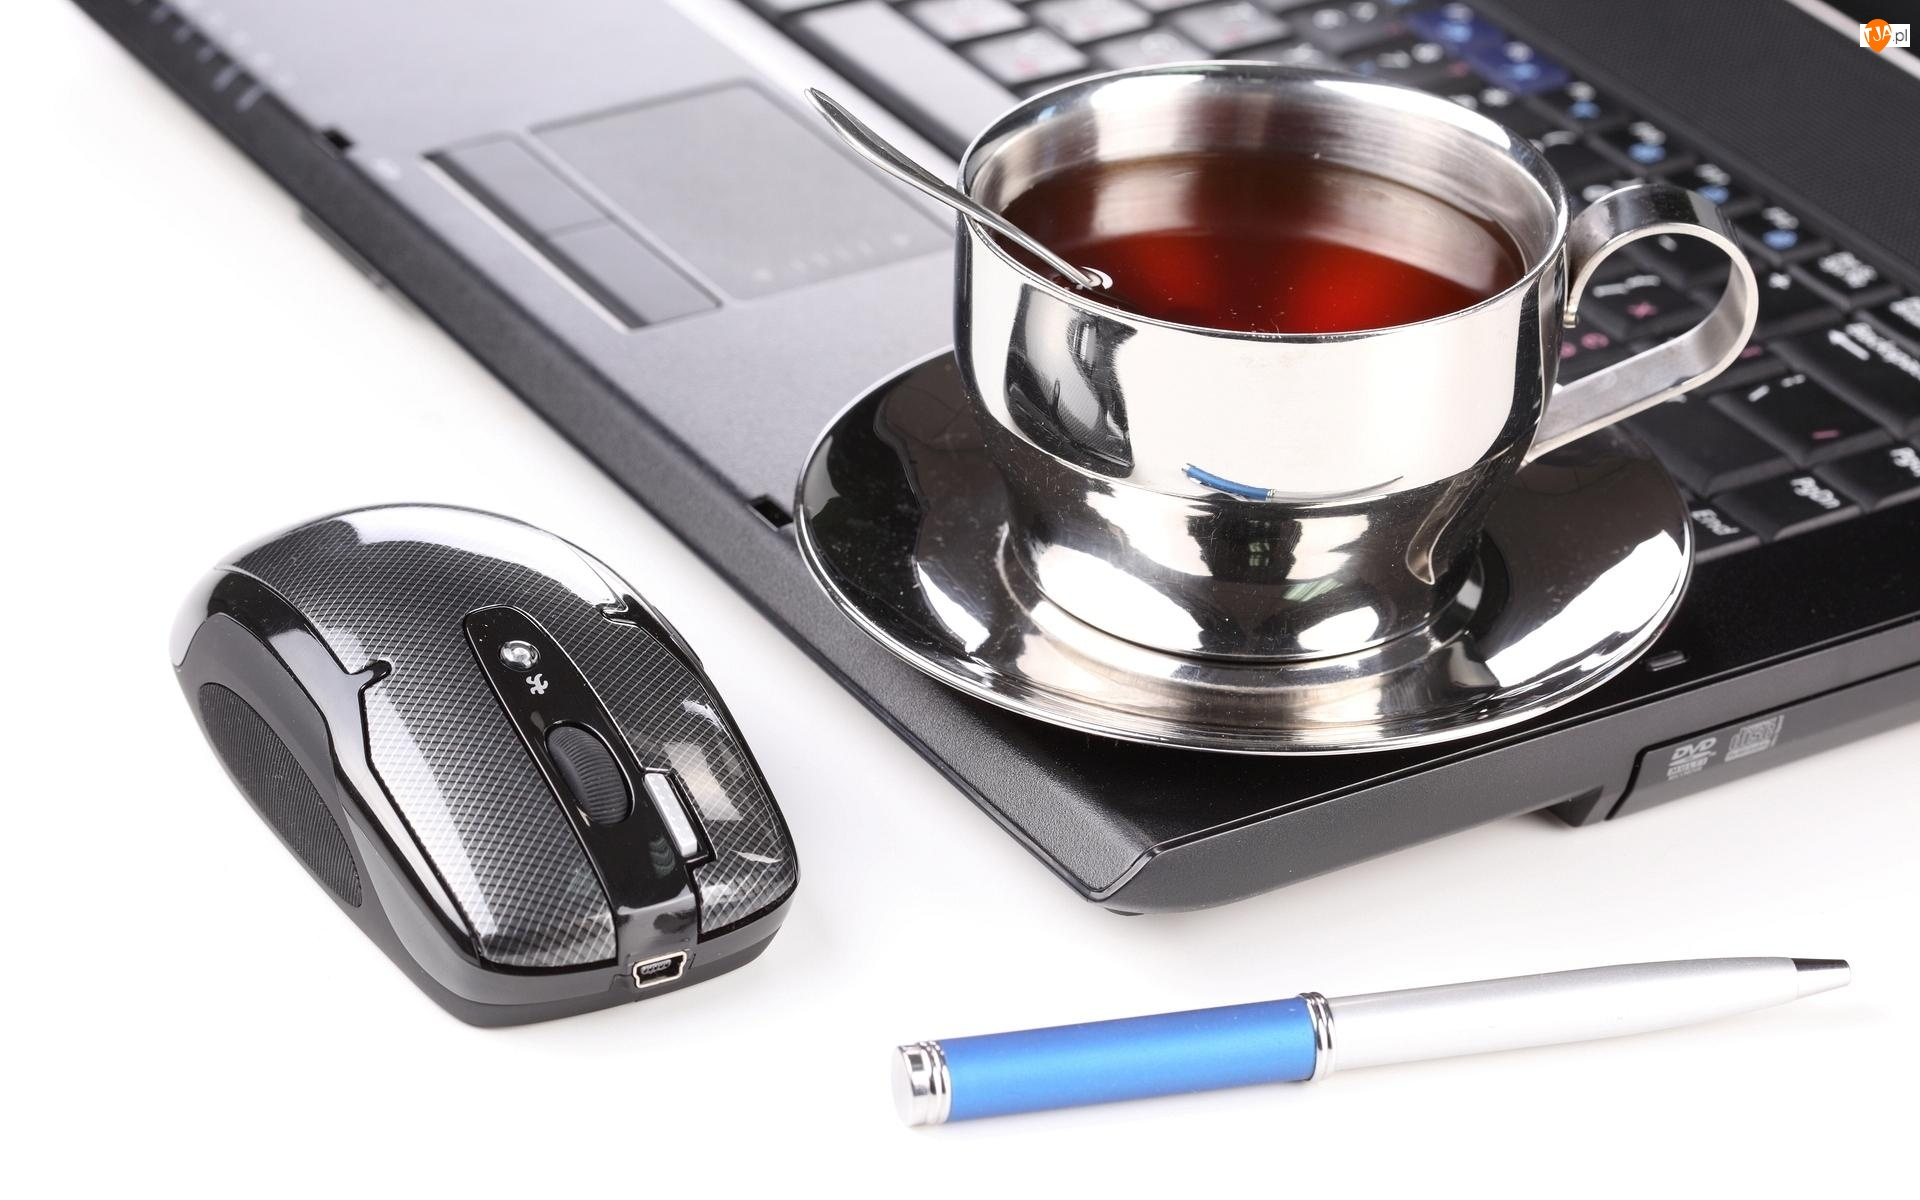 Filiżanka, Laptop, Długopis, Mysz, Herbata